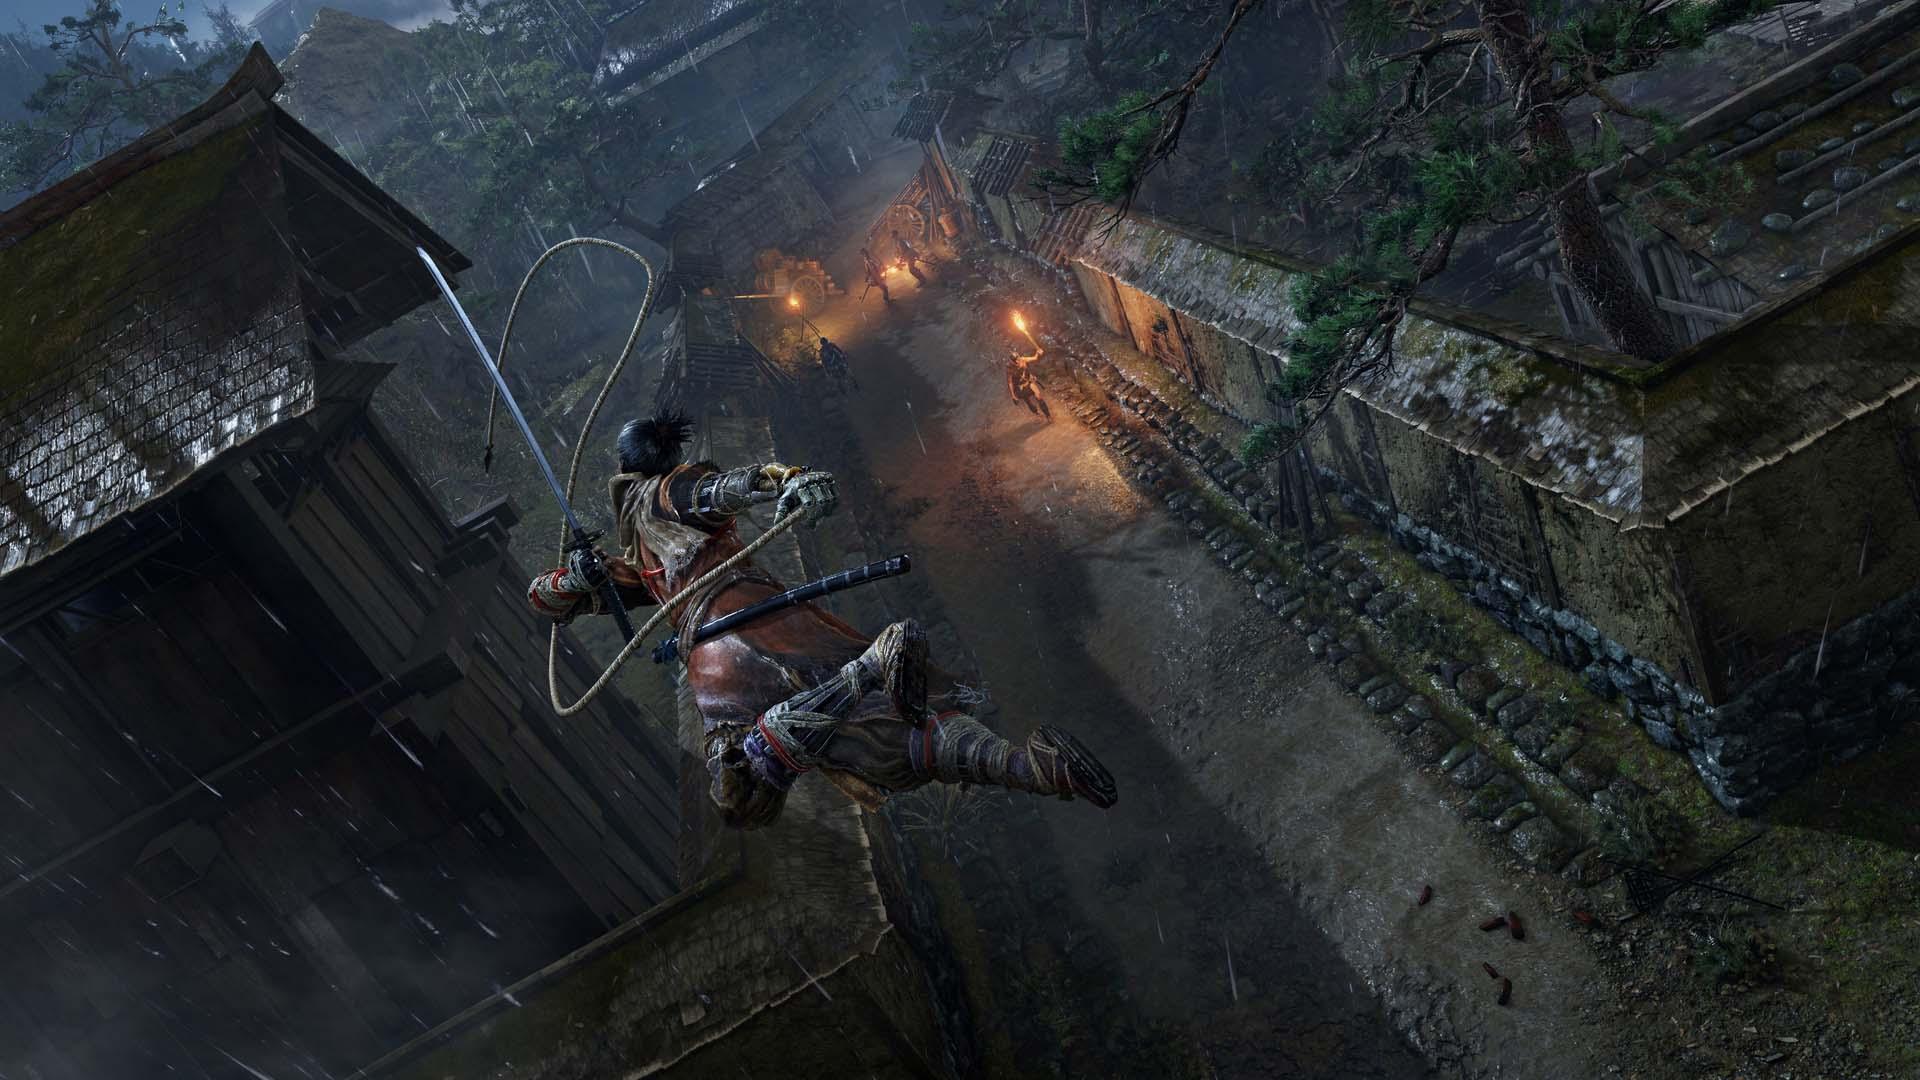 Quelle: Activision - Sekiro: Shadows Die Twice - Der Tod kommt von oben!